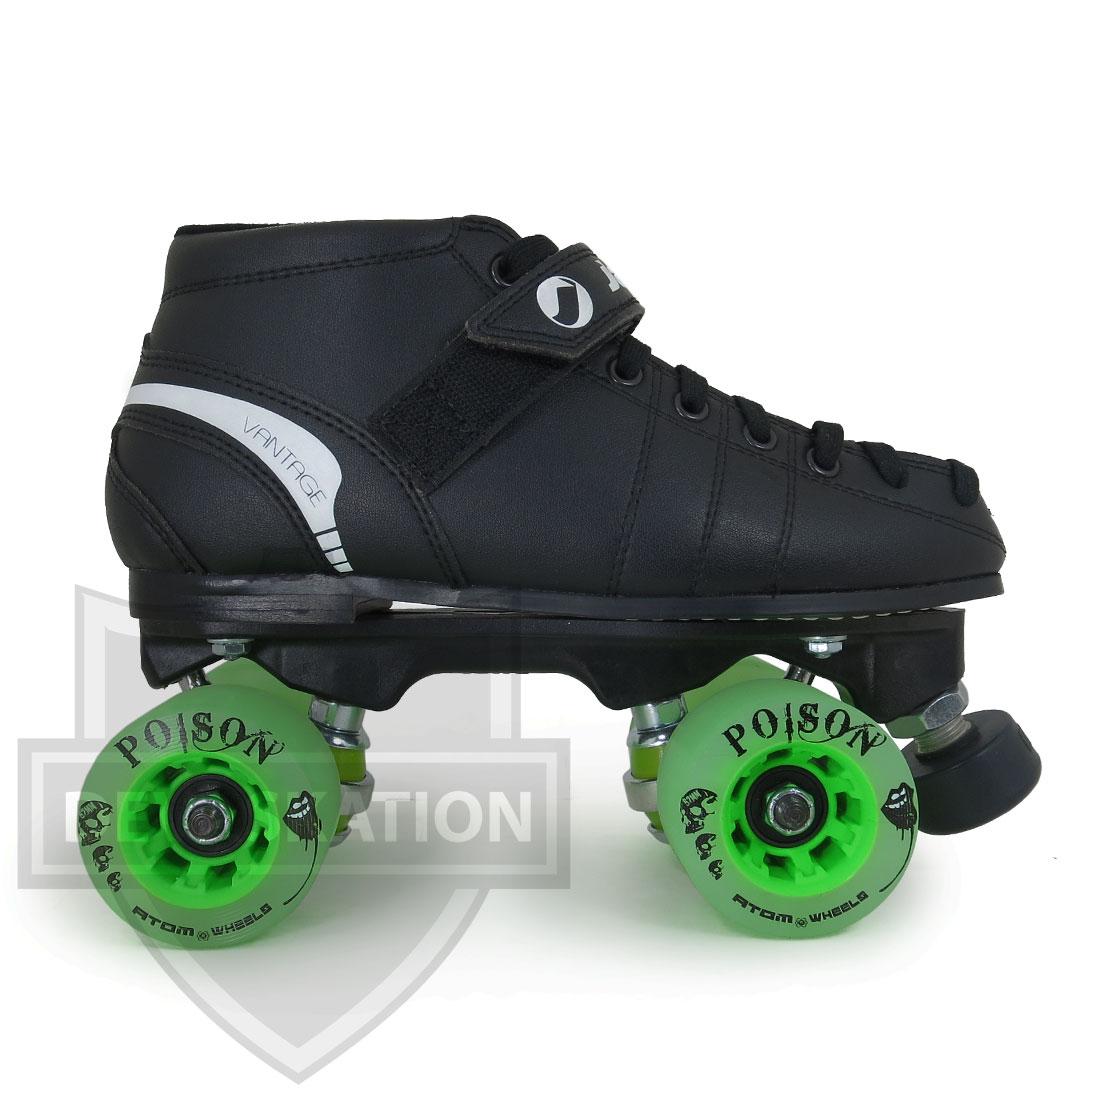 Jackson VIP Custom Skate